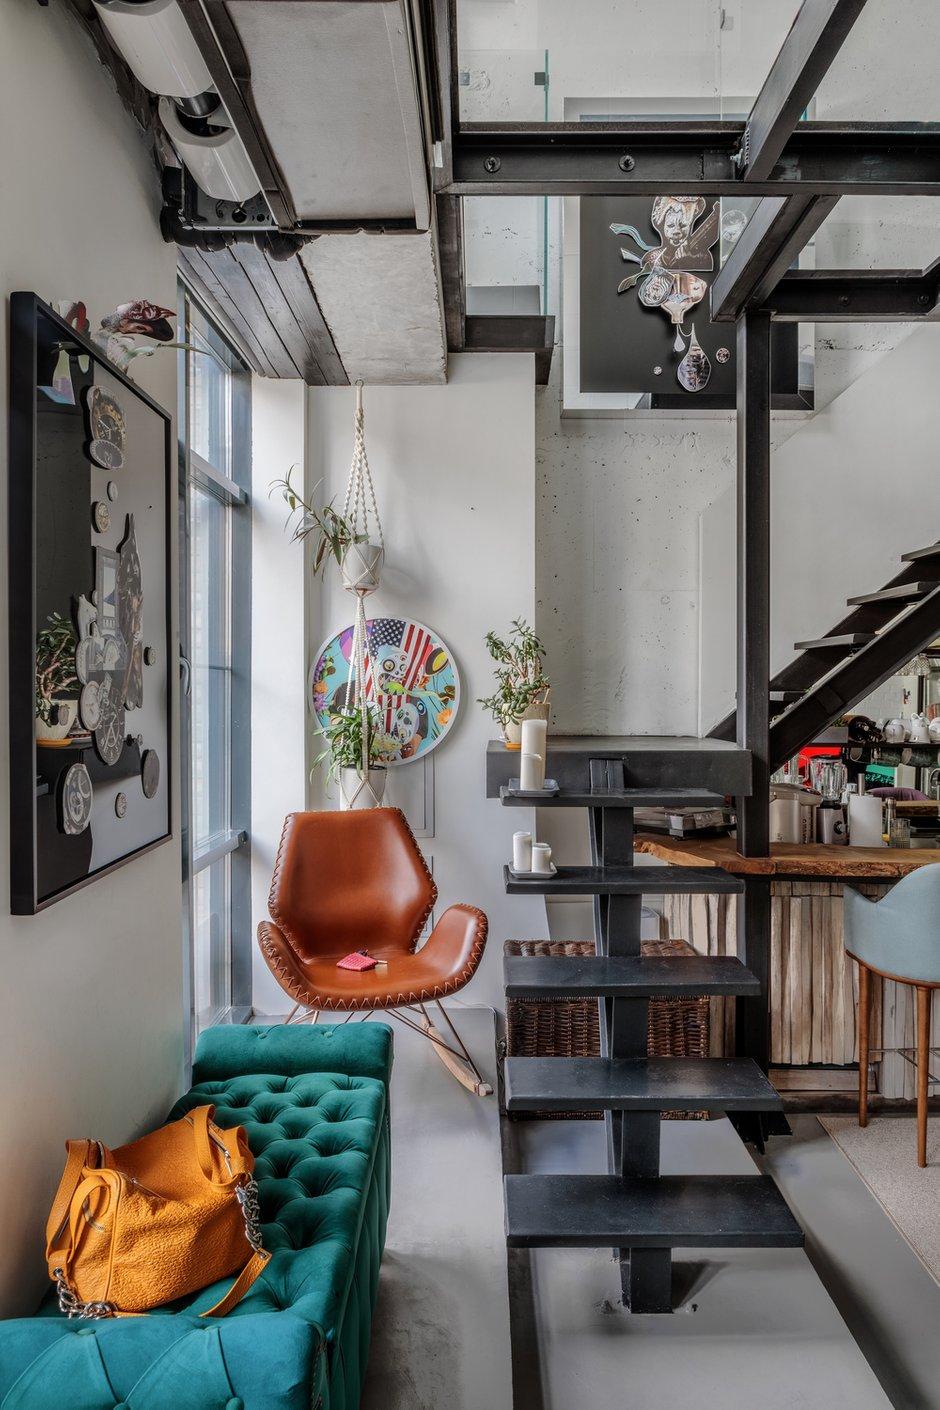 Фотография: Гостиная в стиле Лофт, Квартира, Проект недели, Москва, 3 комнаты, 60-90 метров, Мария Полянская – фото на INMYROOM